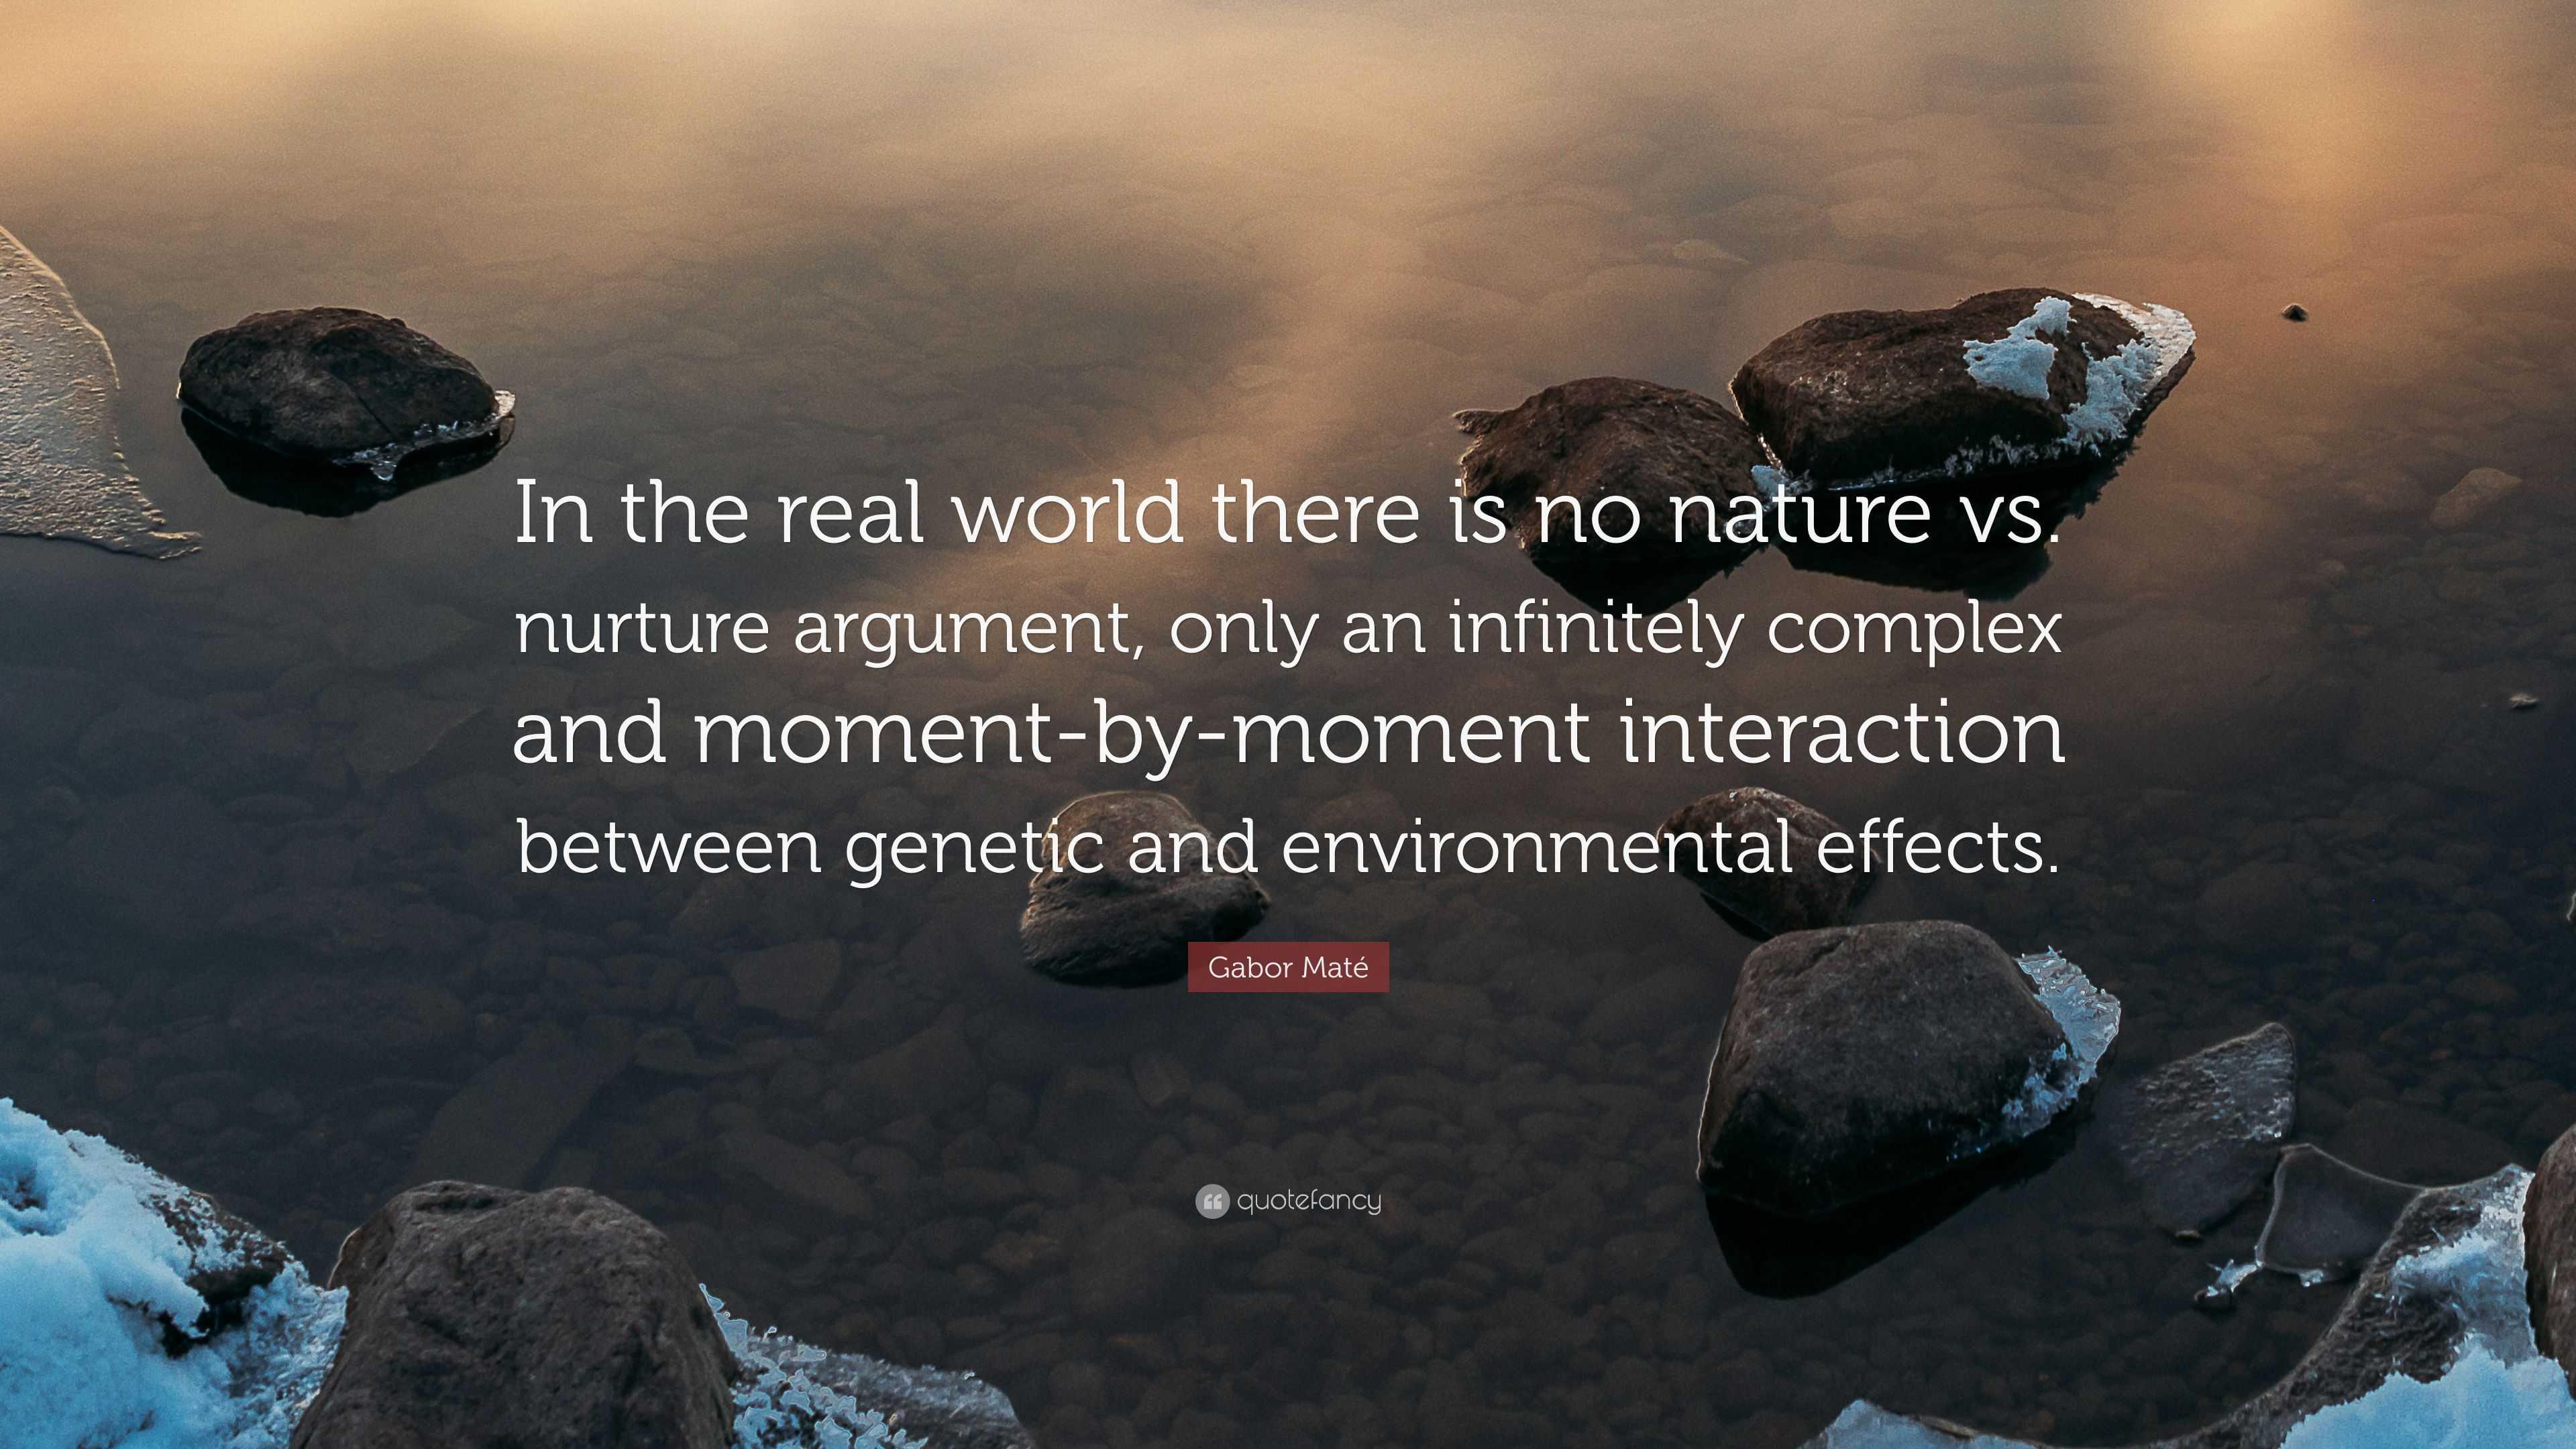 Nature Vs Nurture Argument Points